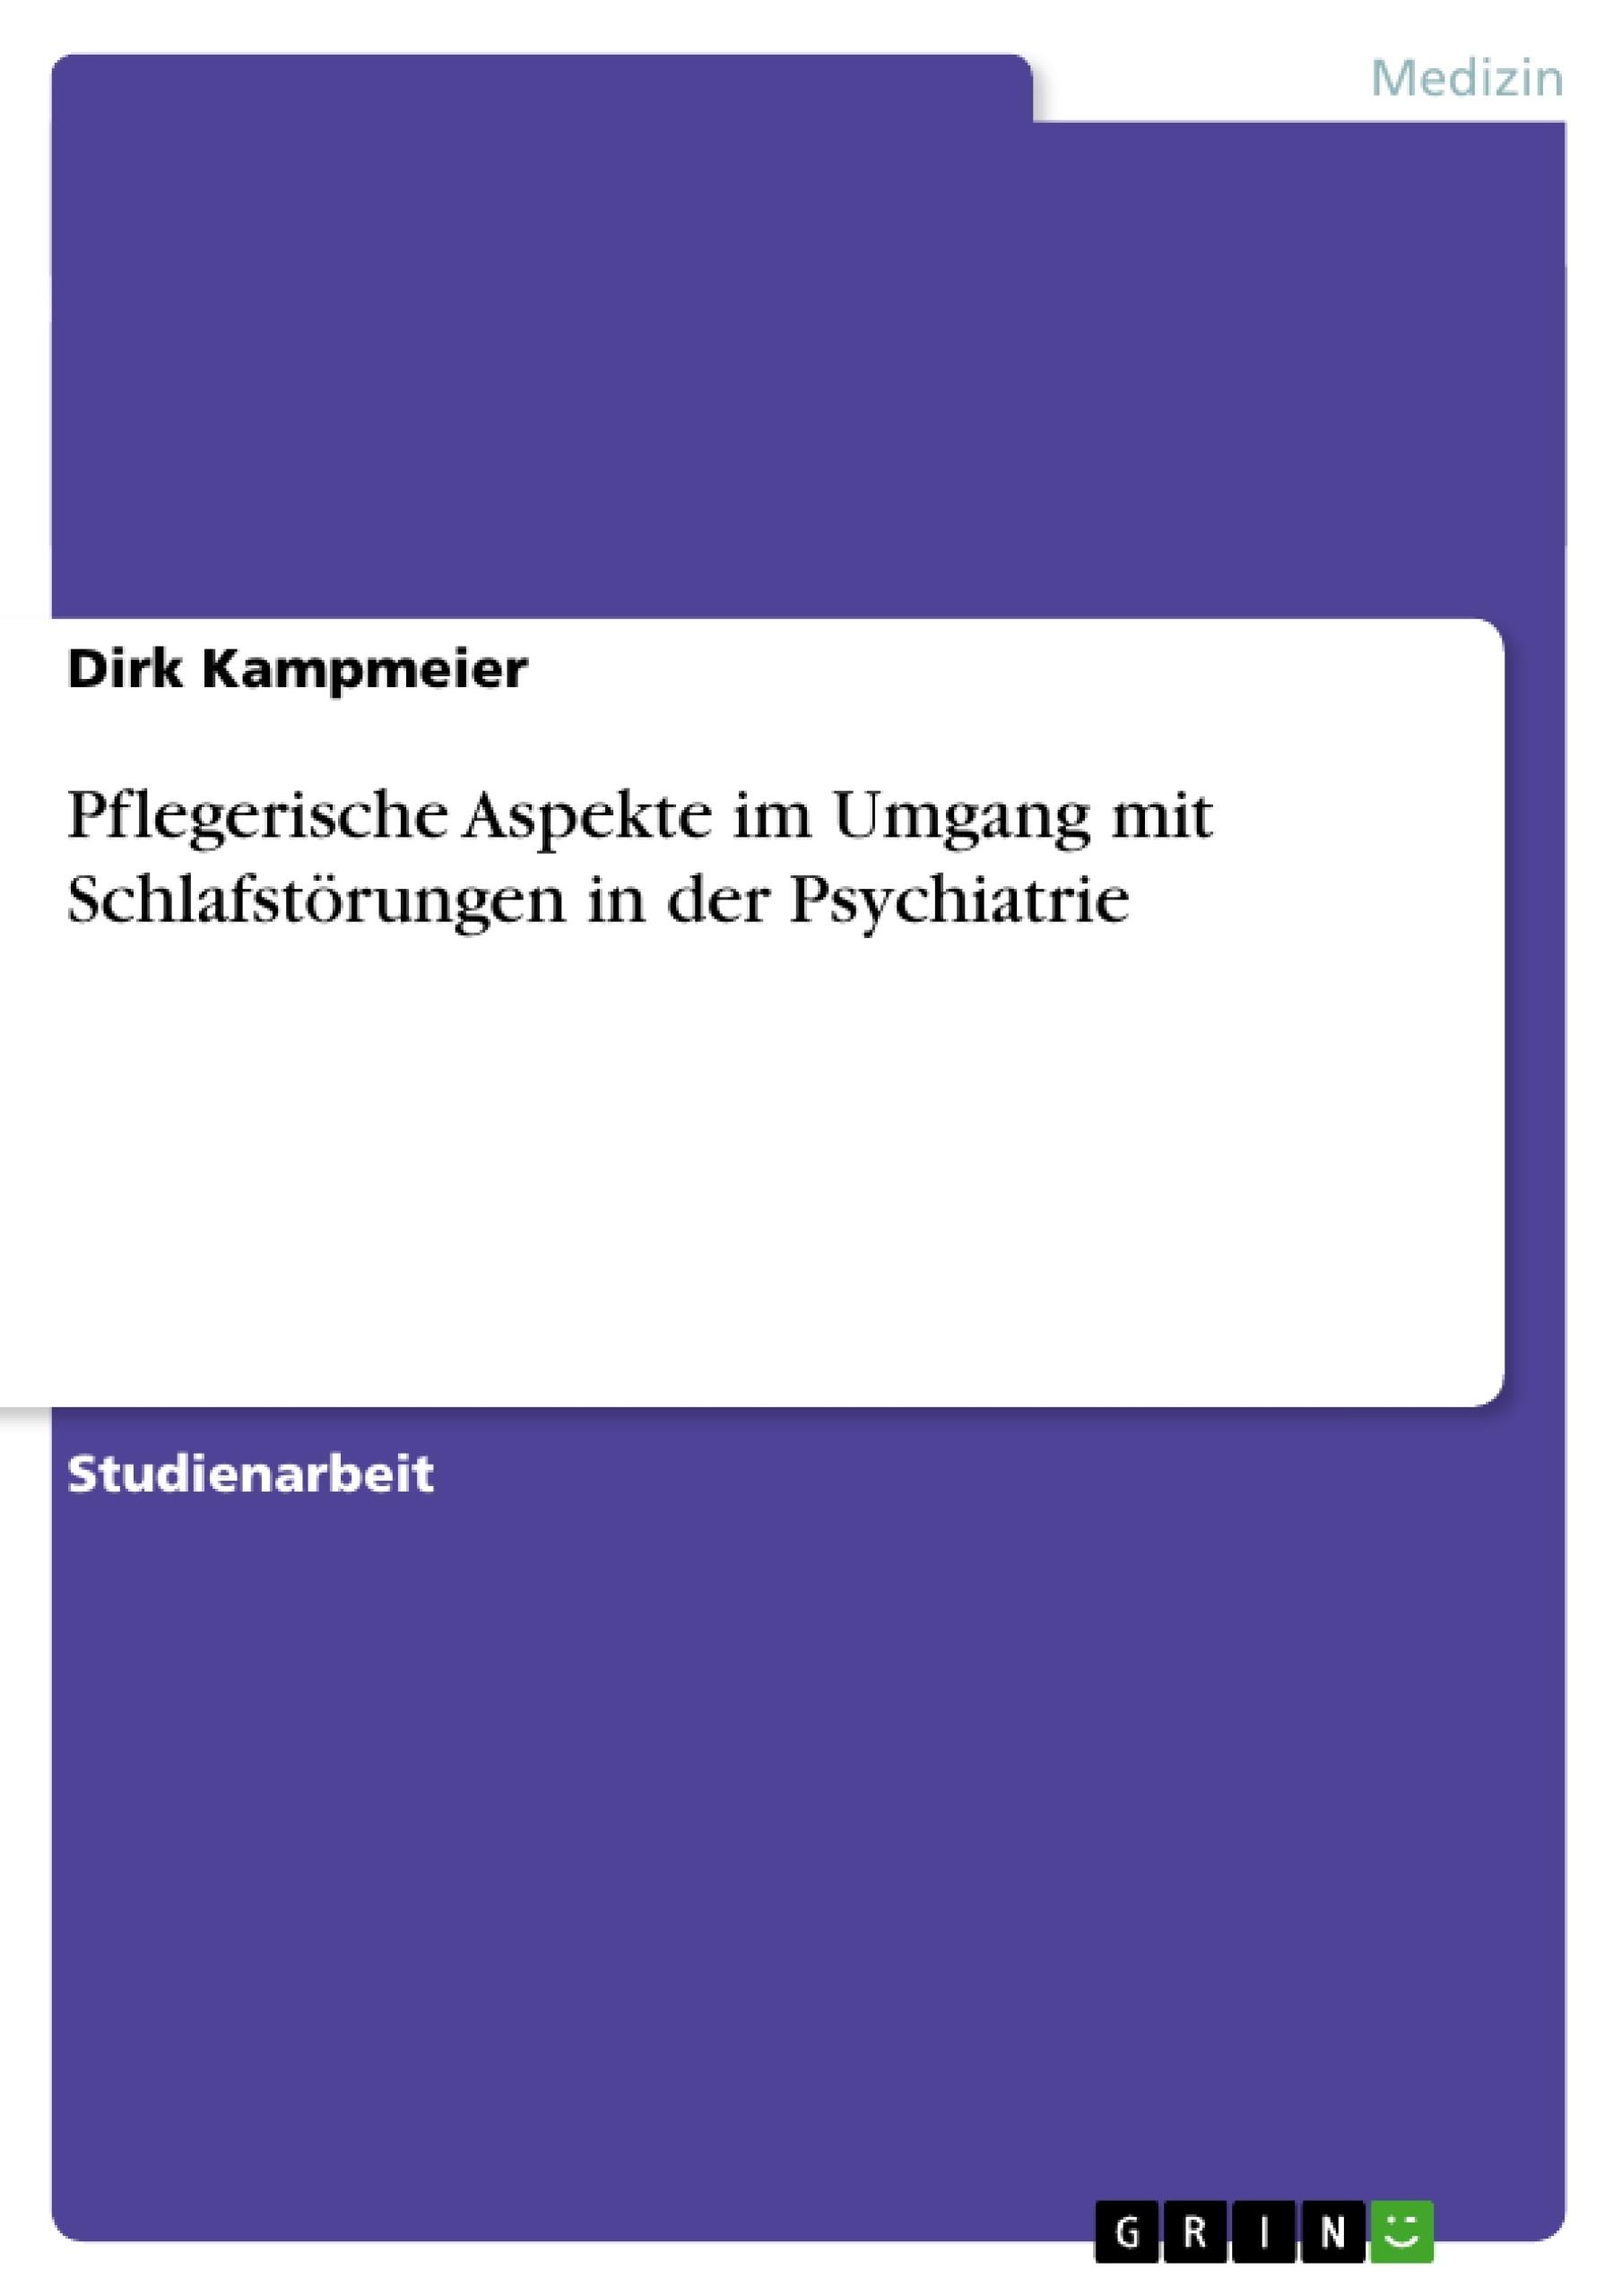 Titel: Pflegerische Aspekte im Umgang mit Schlafstörungen in der Psychiatrie